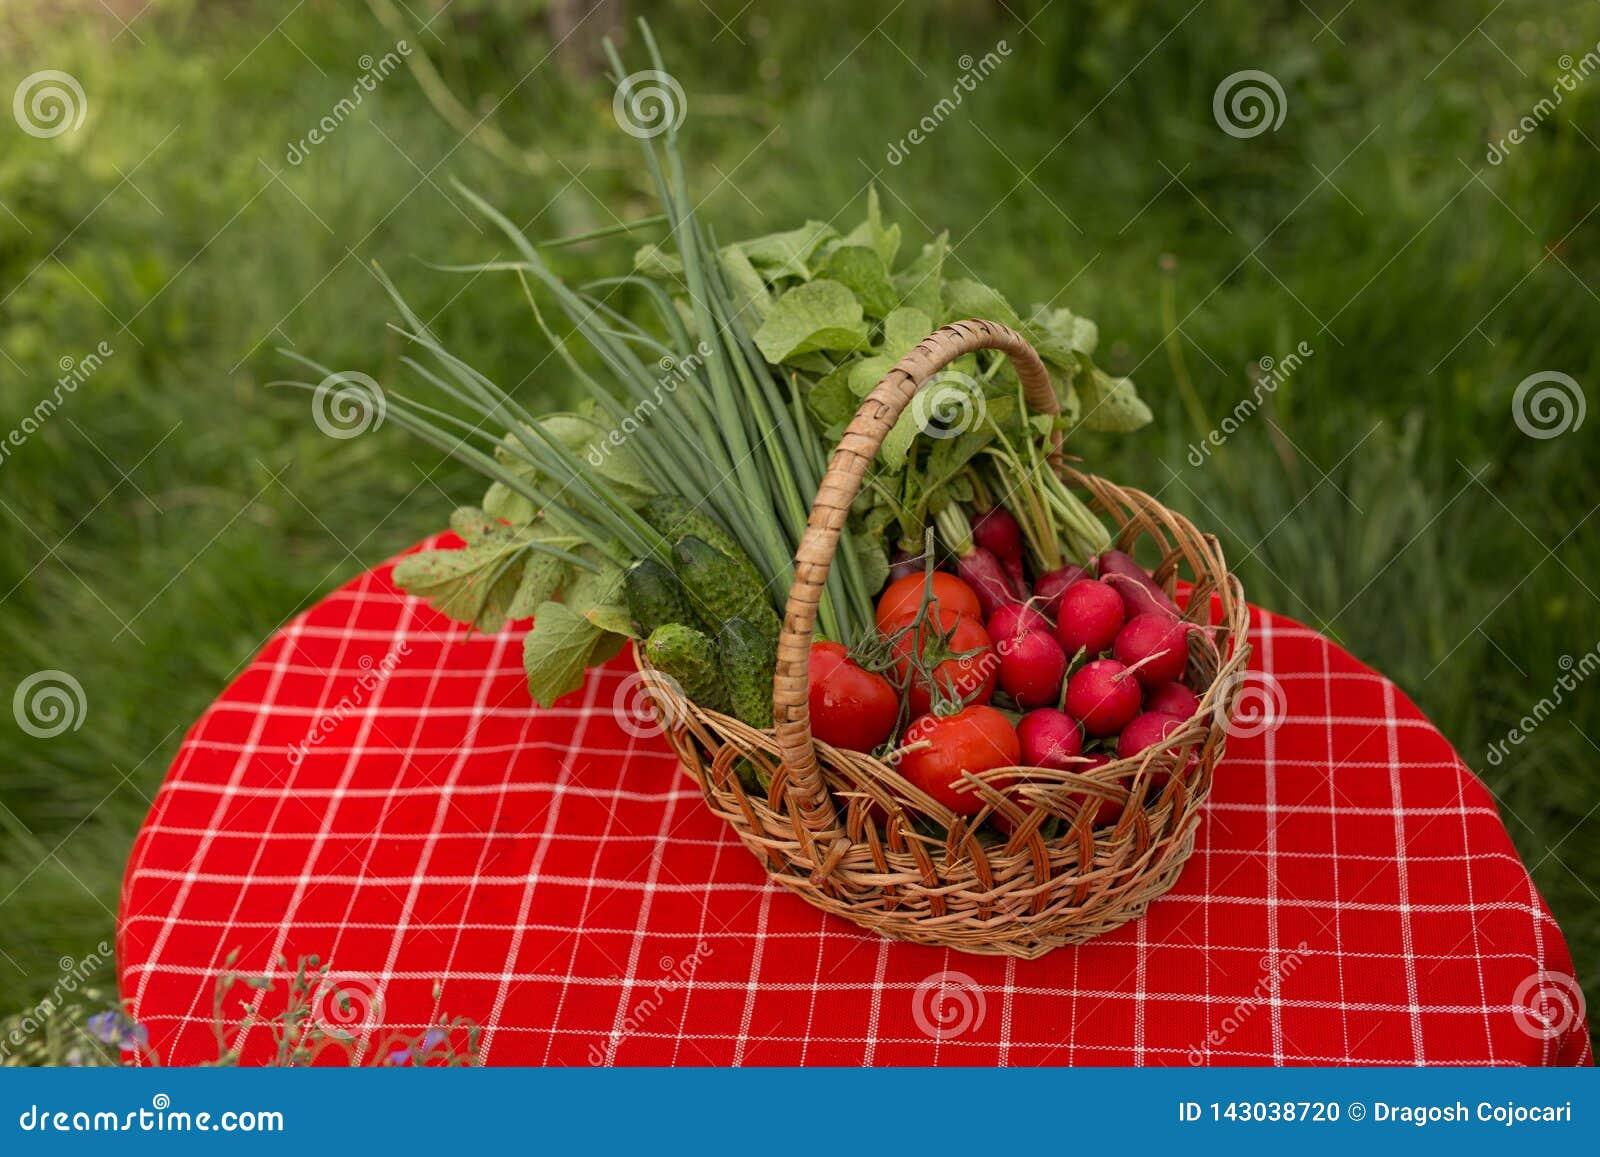 Gemüse vom Garten Frisches Biogemüse in einem Korb Über Natur-Hintergrund